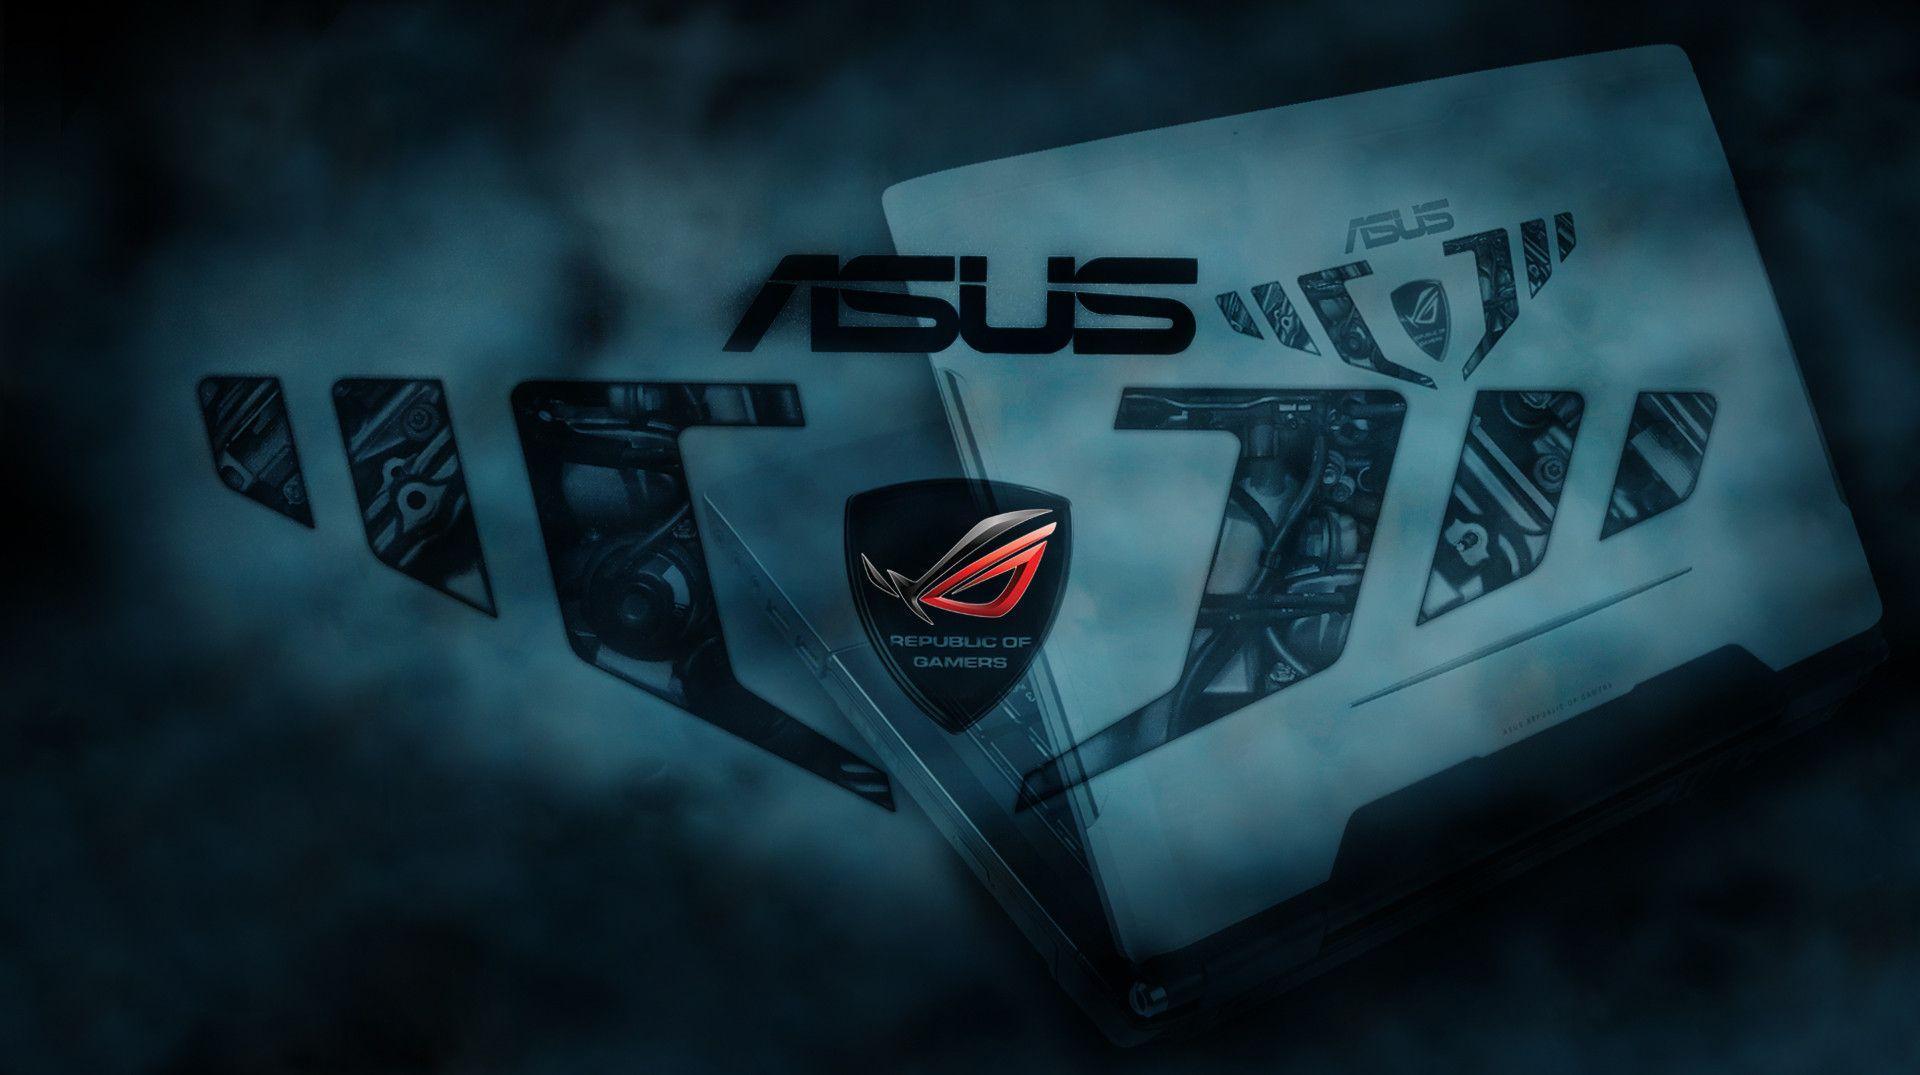 Asus HD Wallpapers - Wallpaper Cave